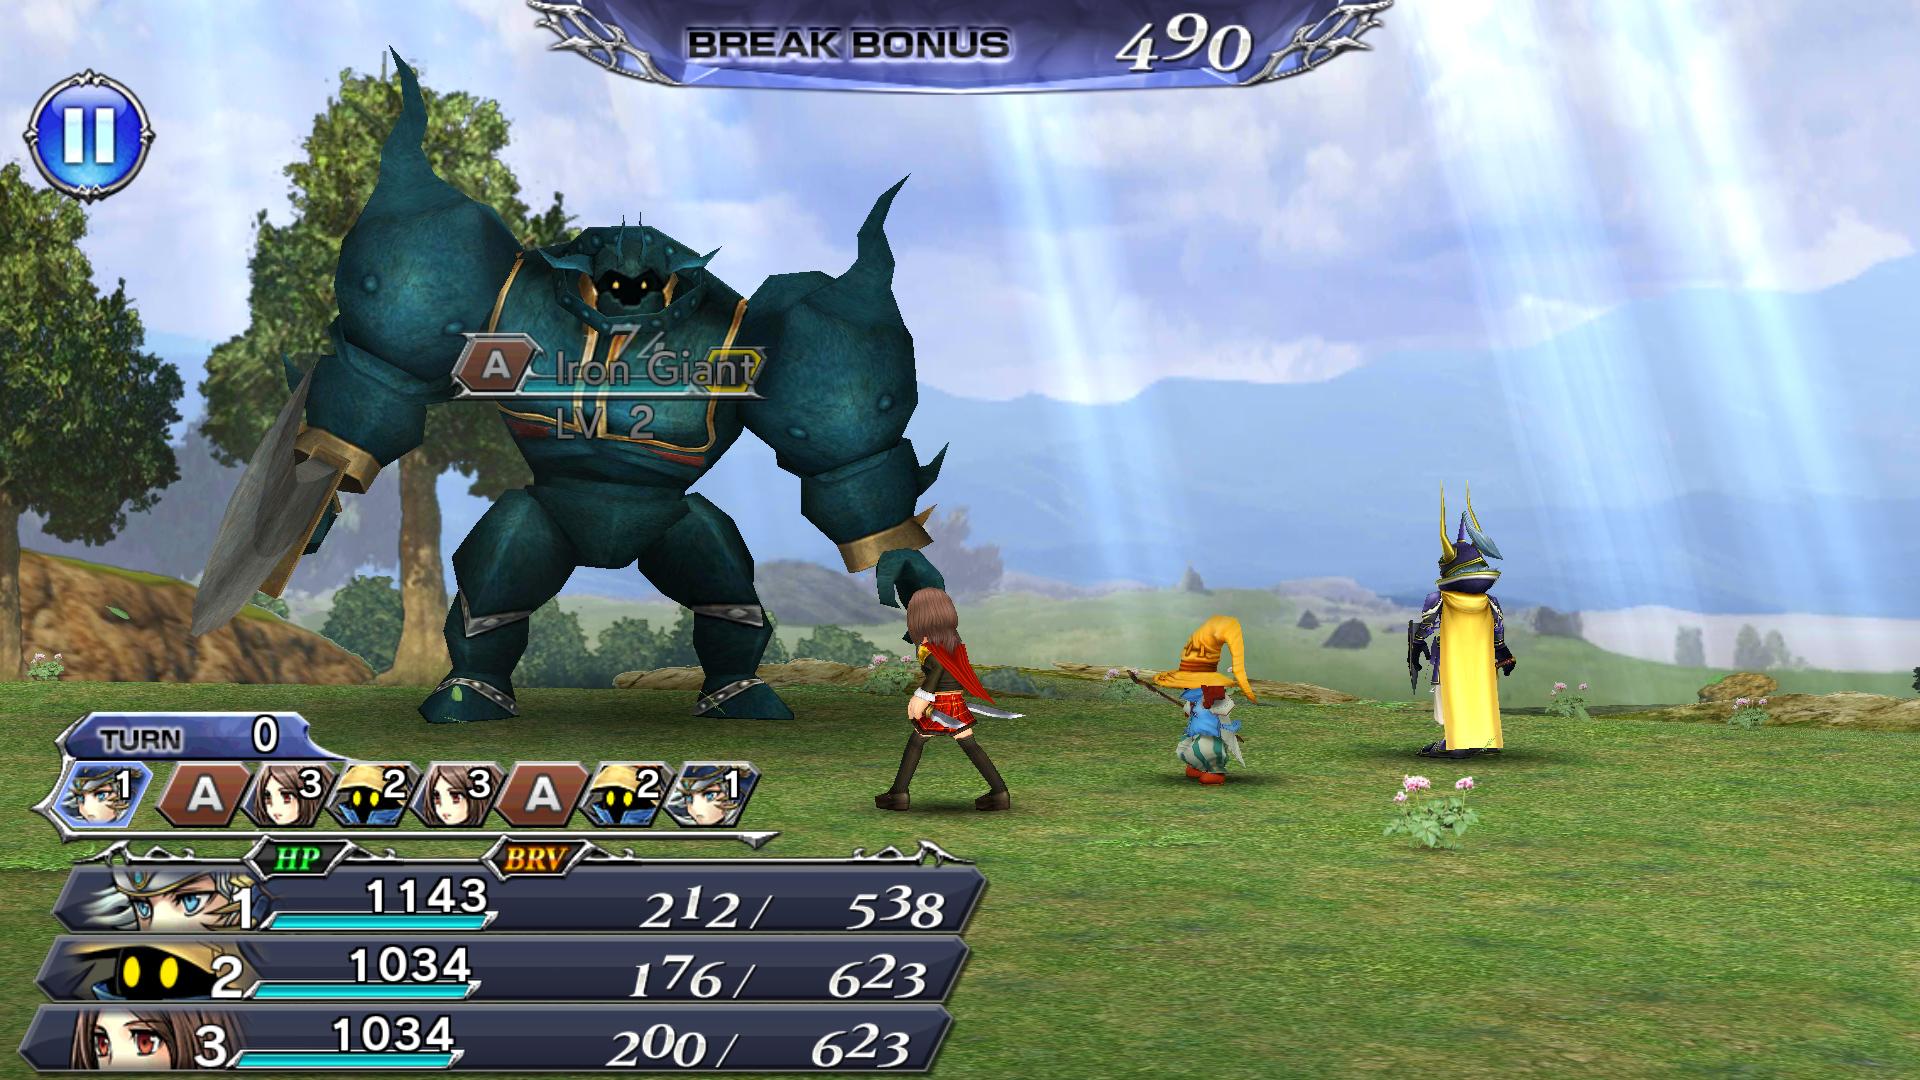 دليلك المرجعي السريع إلى Dissidia Final Fantasy Opera Omnia 2